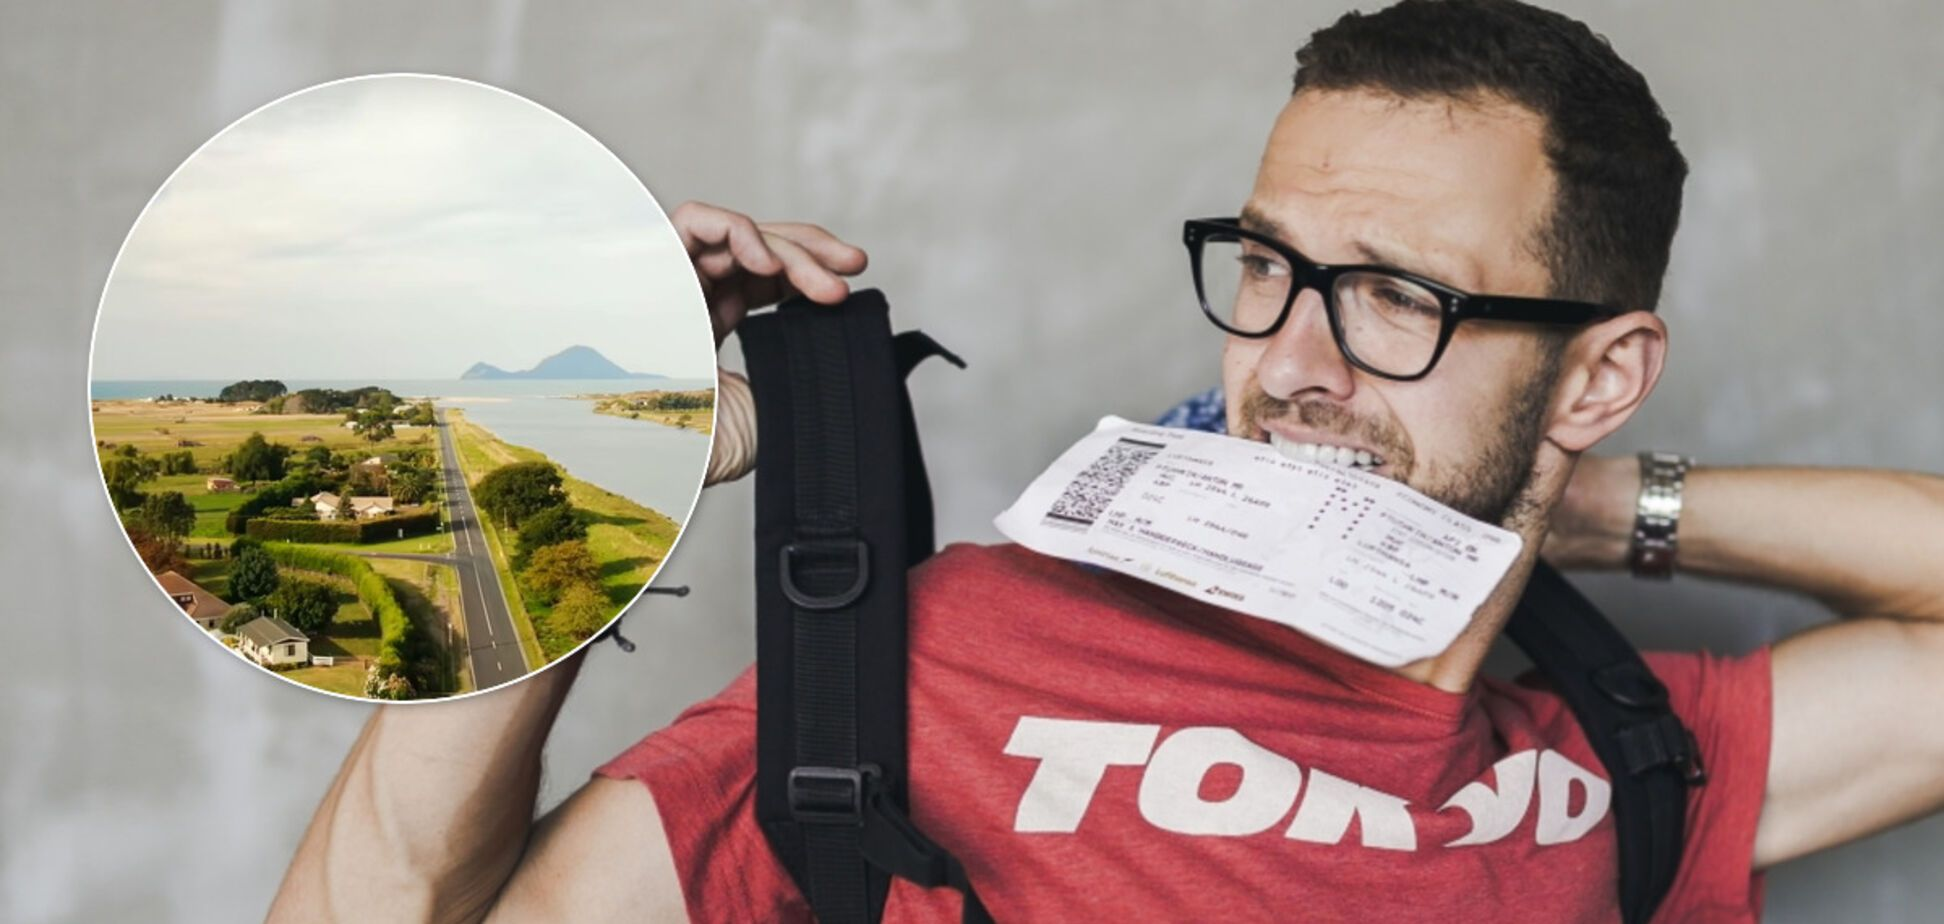 Озеро с 'шампанским' и домики хоббитов: Антон Птушкин назвал уникальные факты о стране-мечте Новой Зеландии